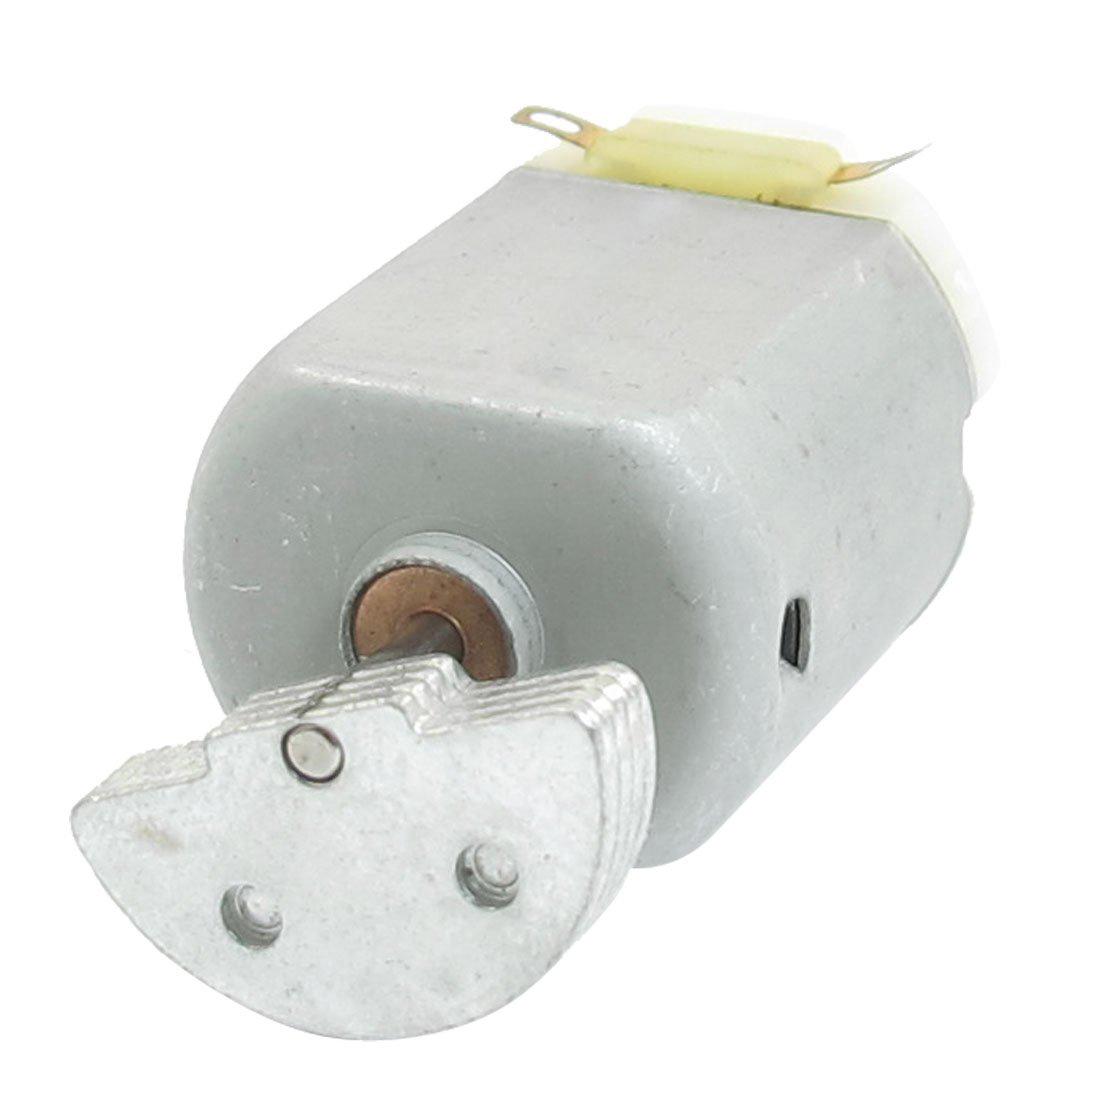 Dc 5v 3200rpm Electric Mini Vibrating Vibration Motor Cp